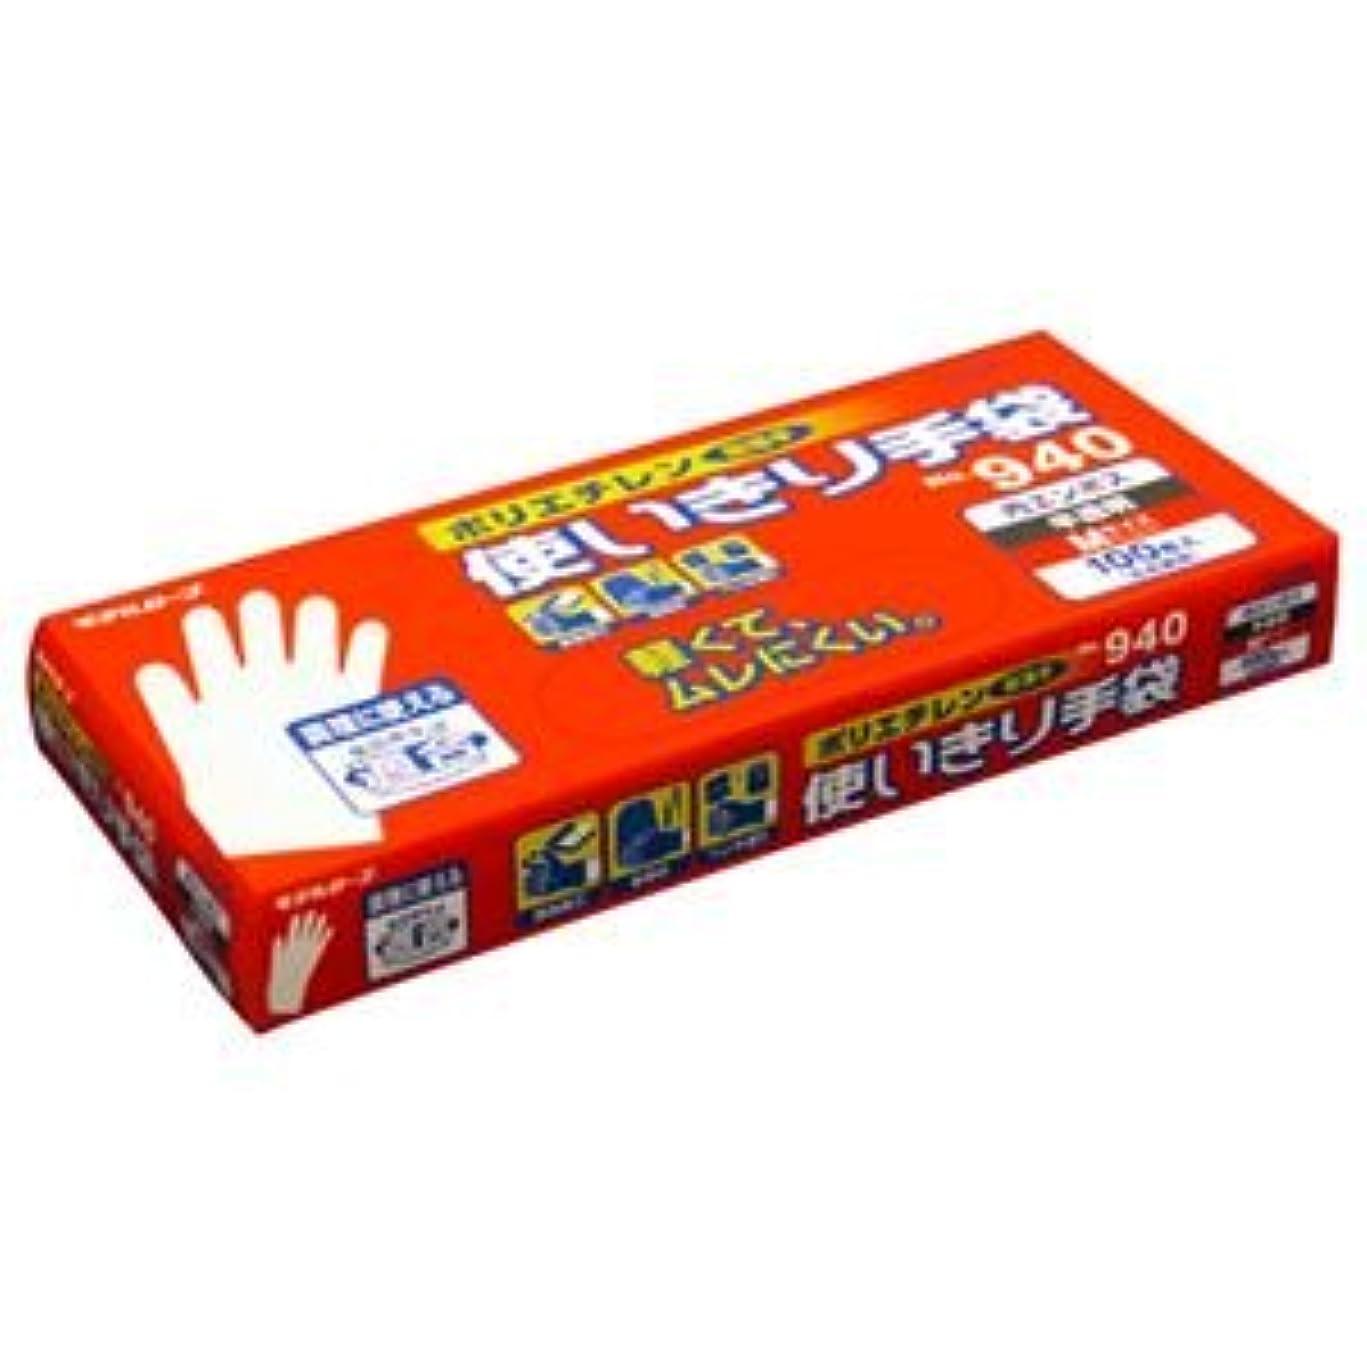 バウンドフォーカス考慮(まとめ) エステー No.940 ポリエチレン使いきり手袋(内エンボス) M 1箱(100枚) 【×10セット】